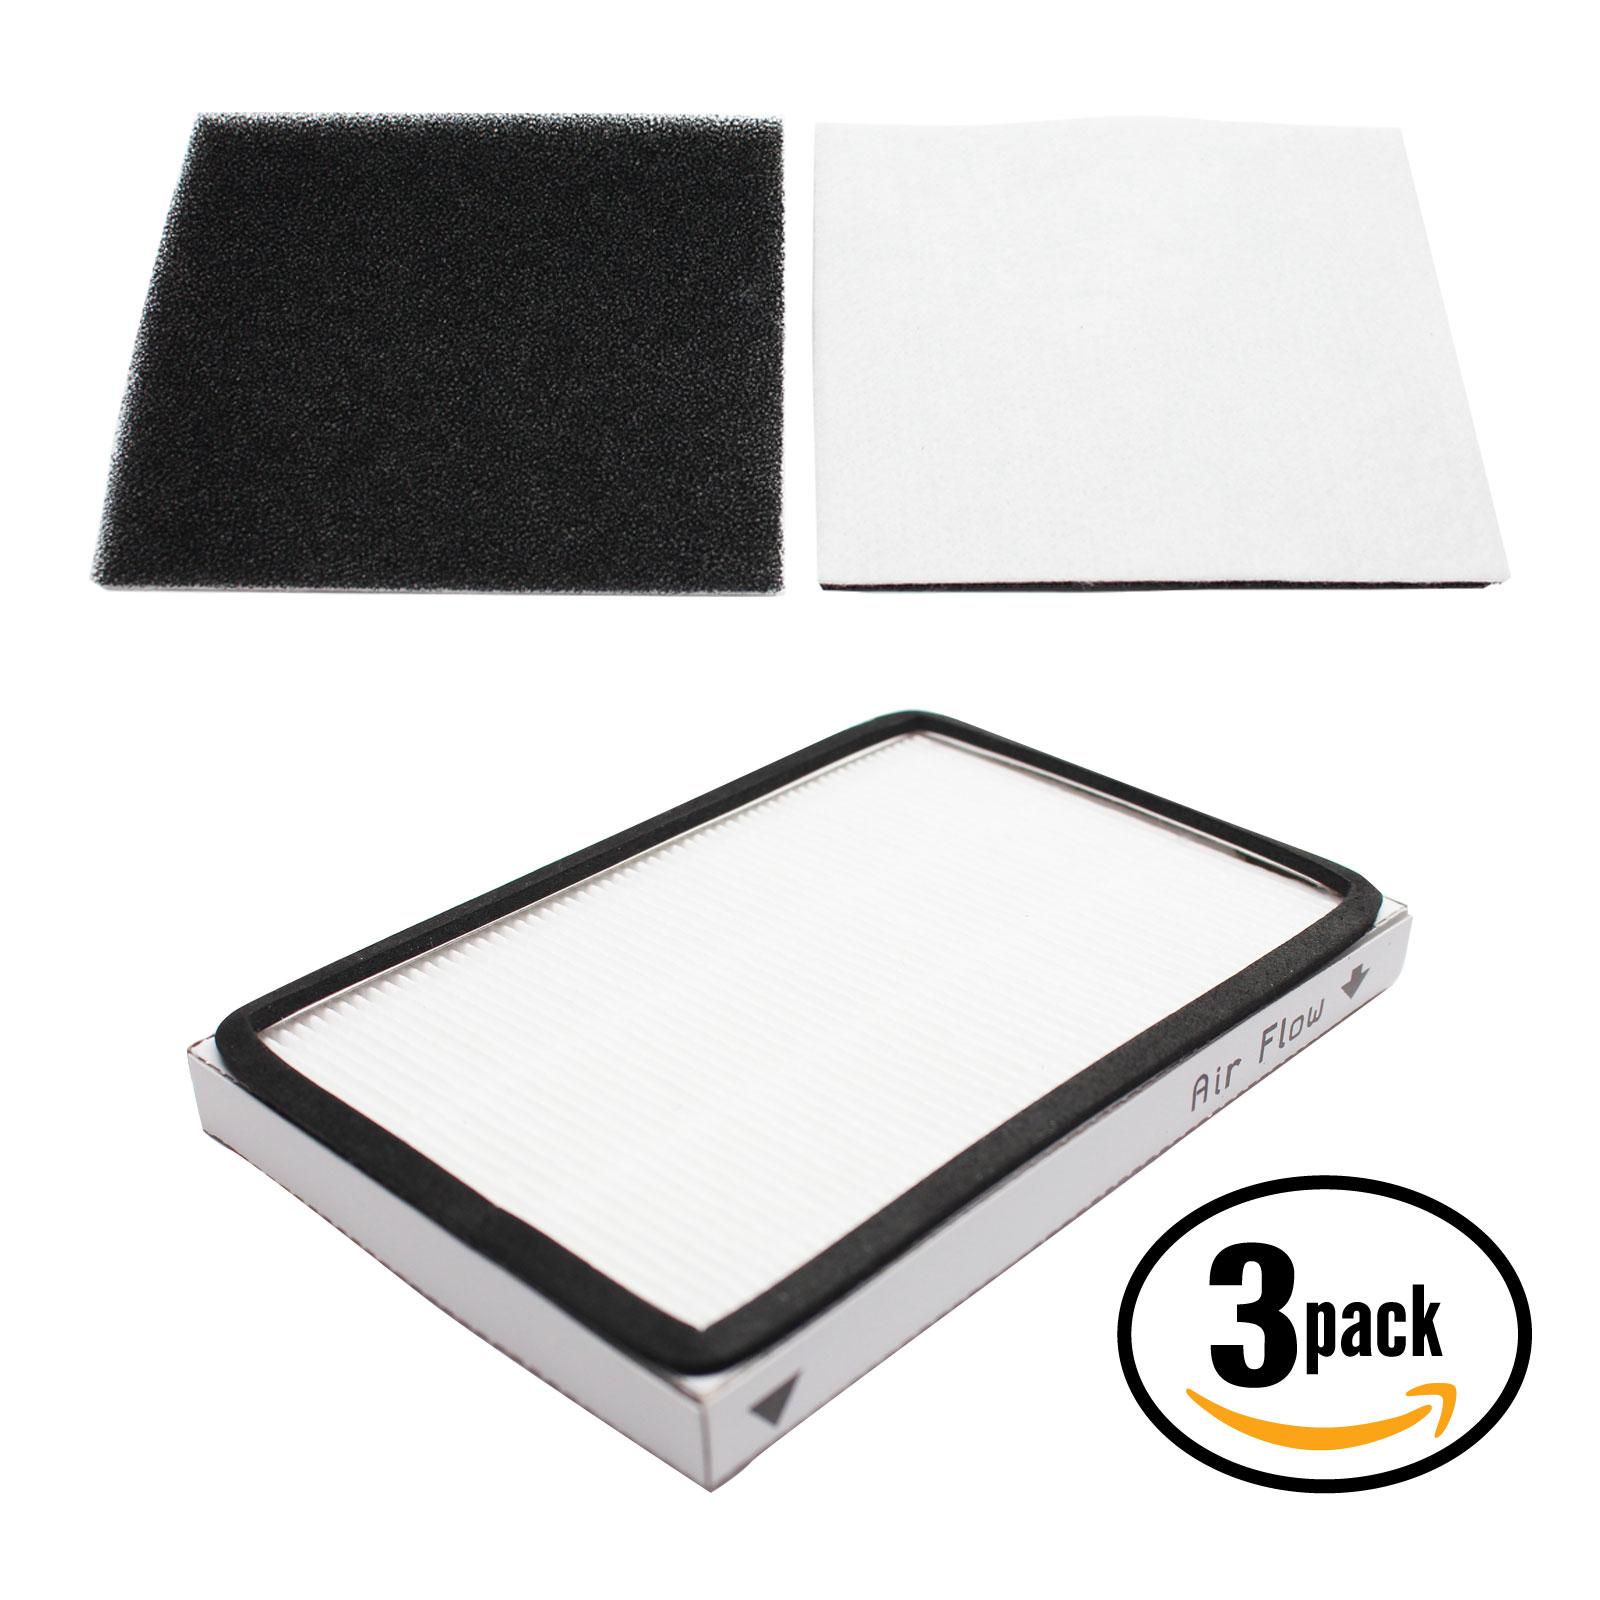 3-pack replacement kenmore 11628014700 vacuum hepa & foam filter ...